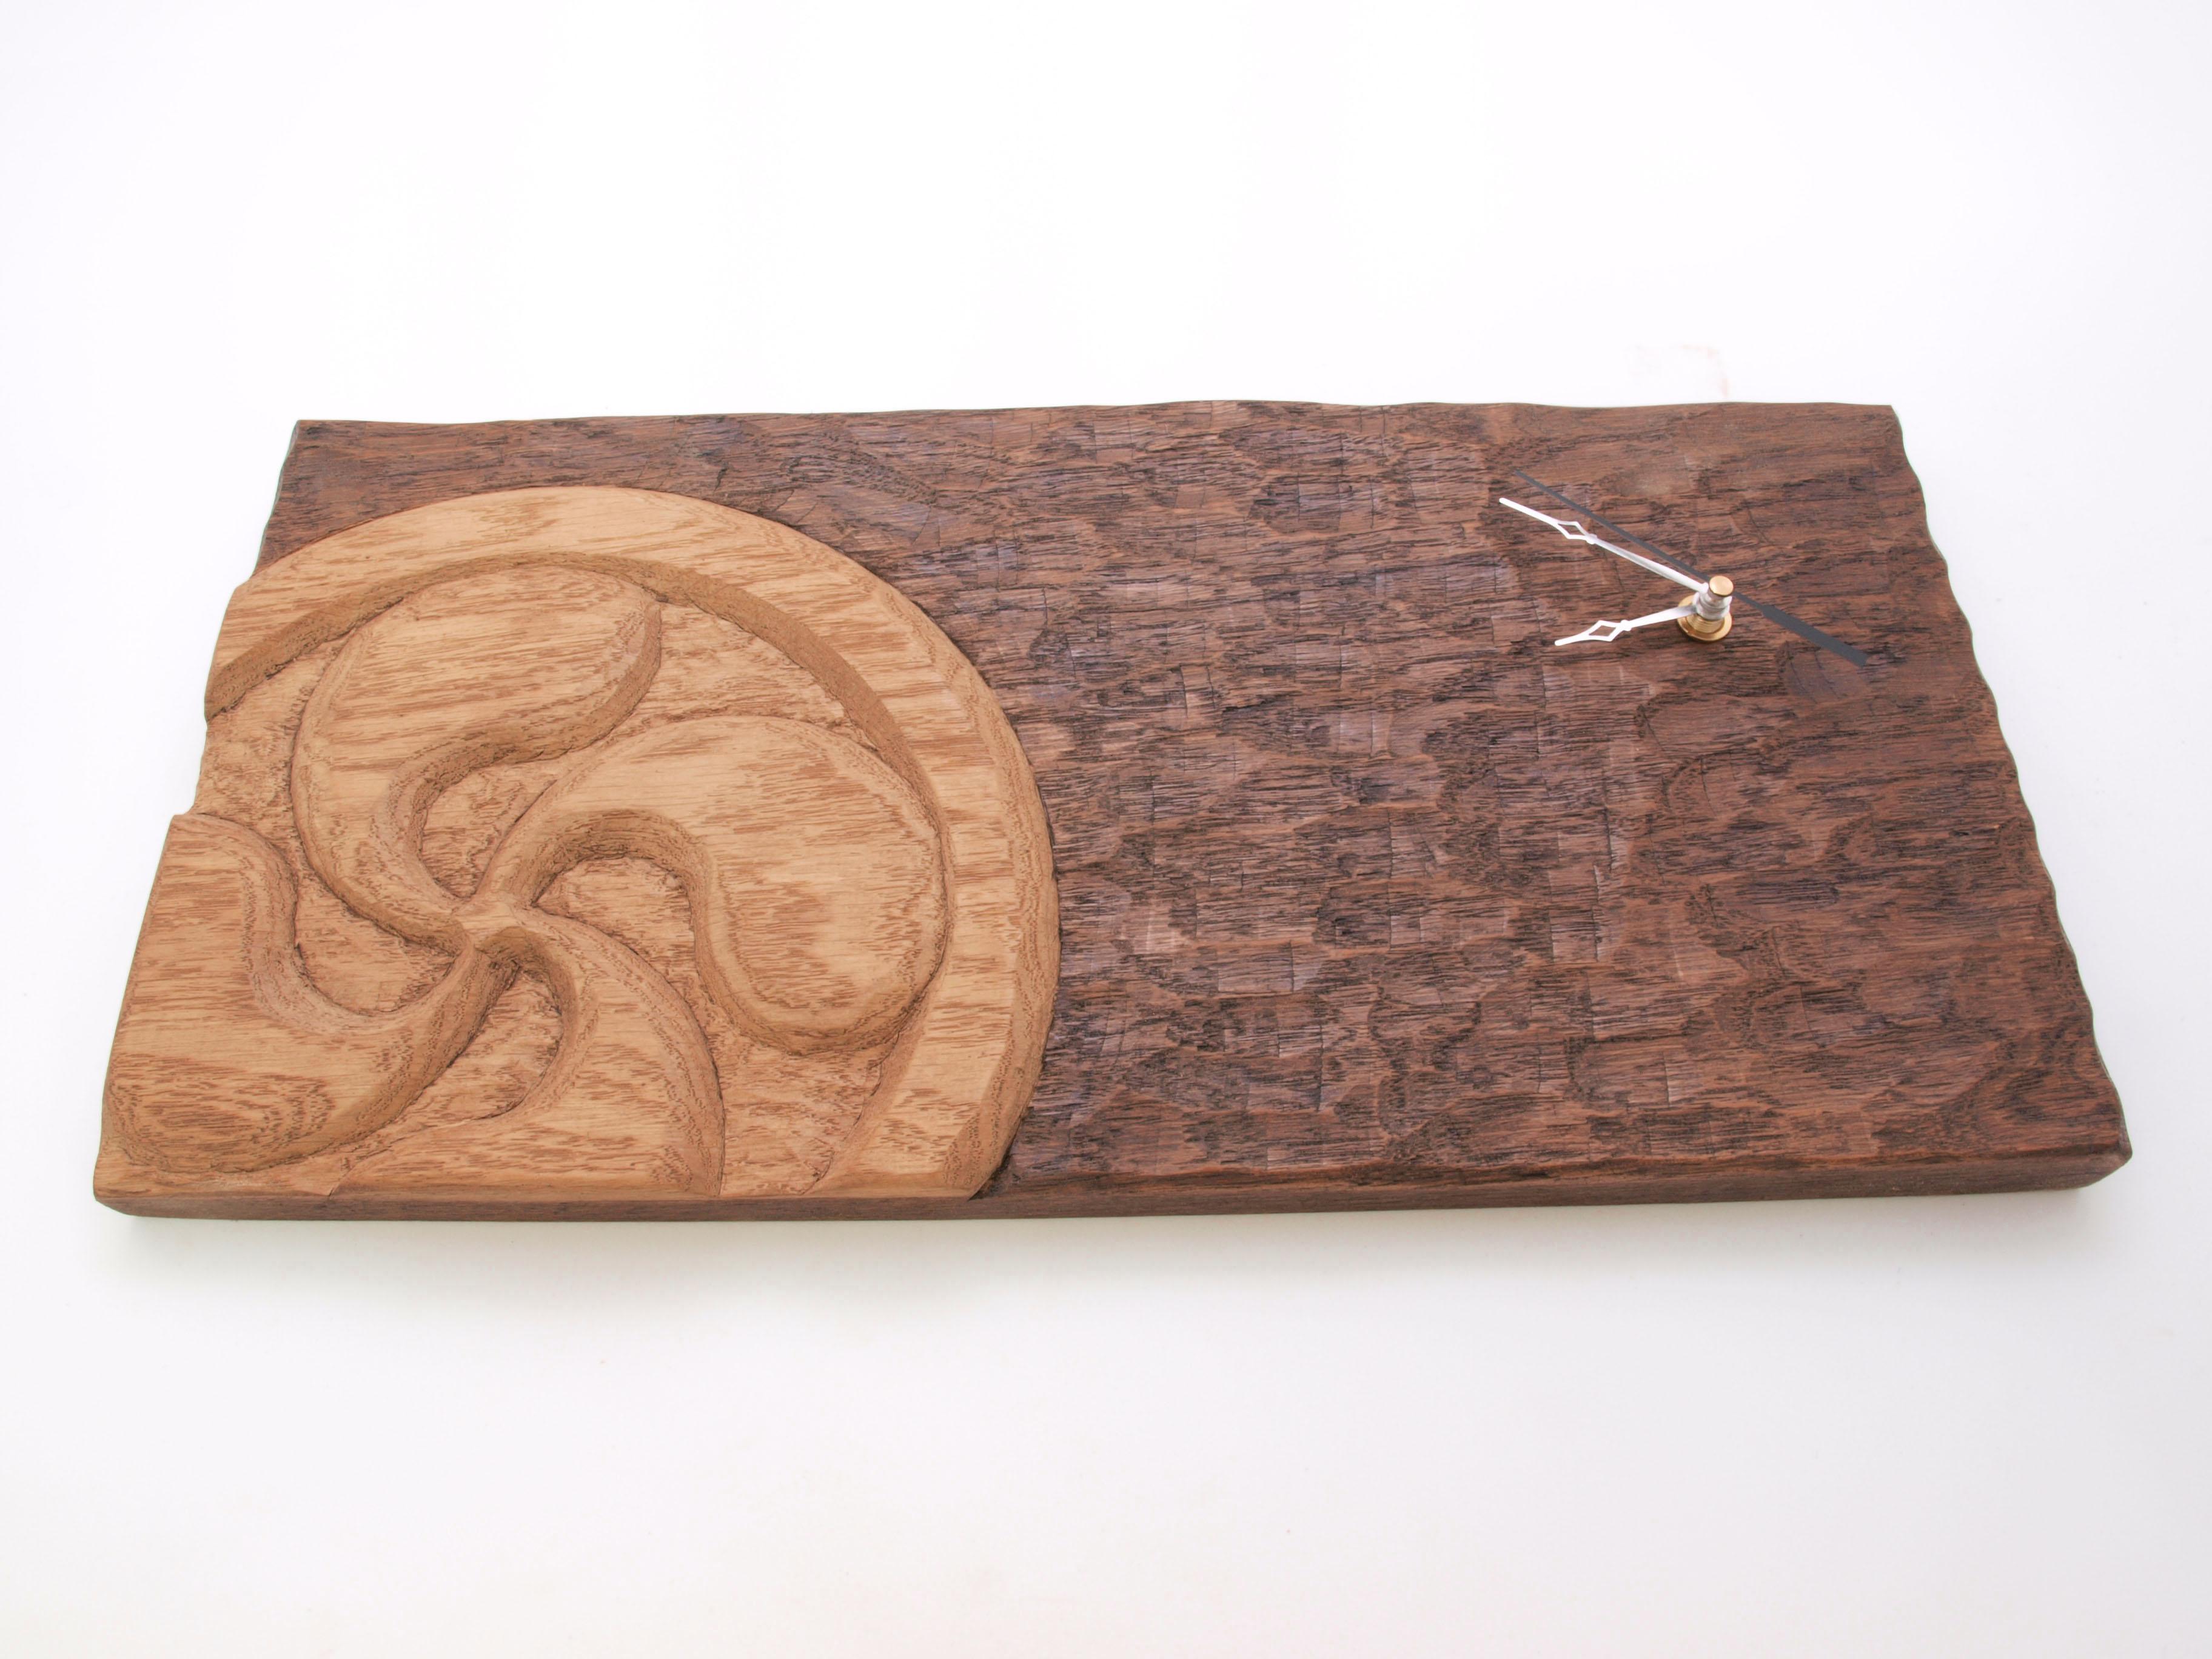 Reloj con lauburu tallado en madera de roble en altorrelieve